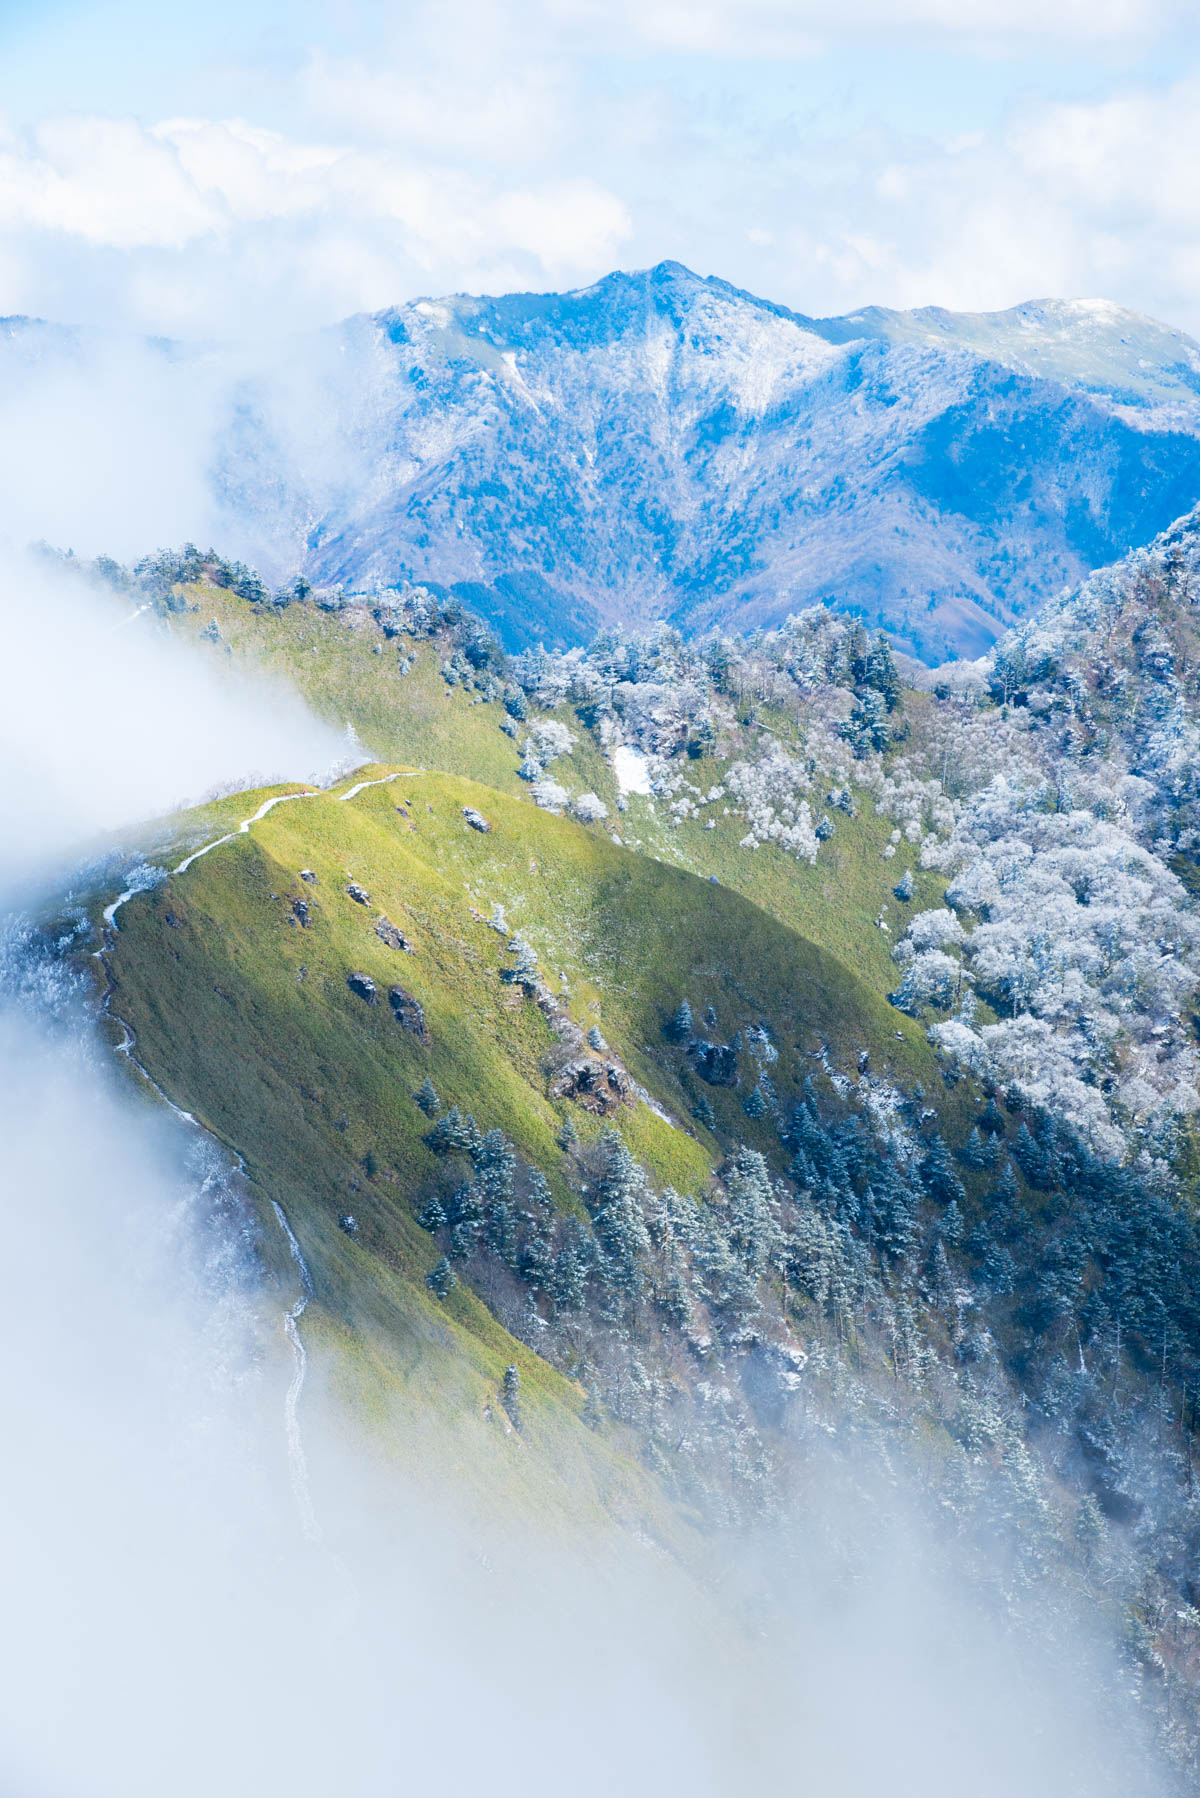 笹原と霧氷の絶景。瓶ヶ森林道ならではの景観